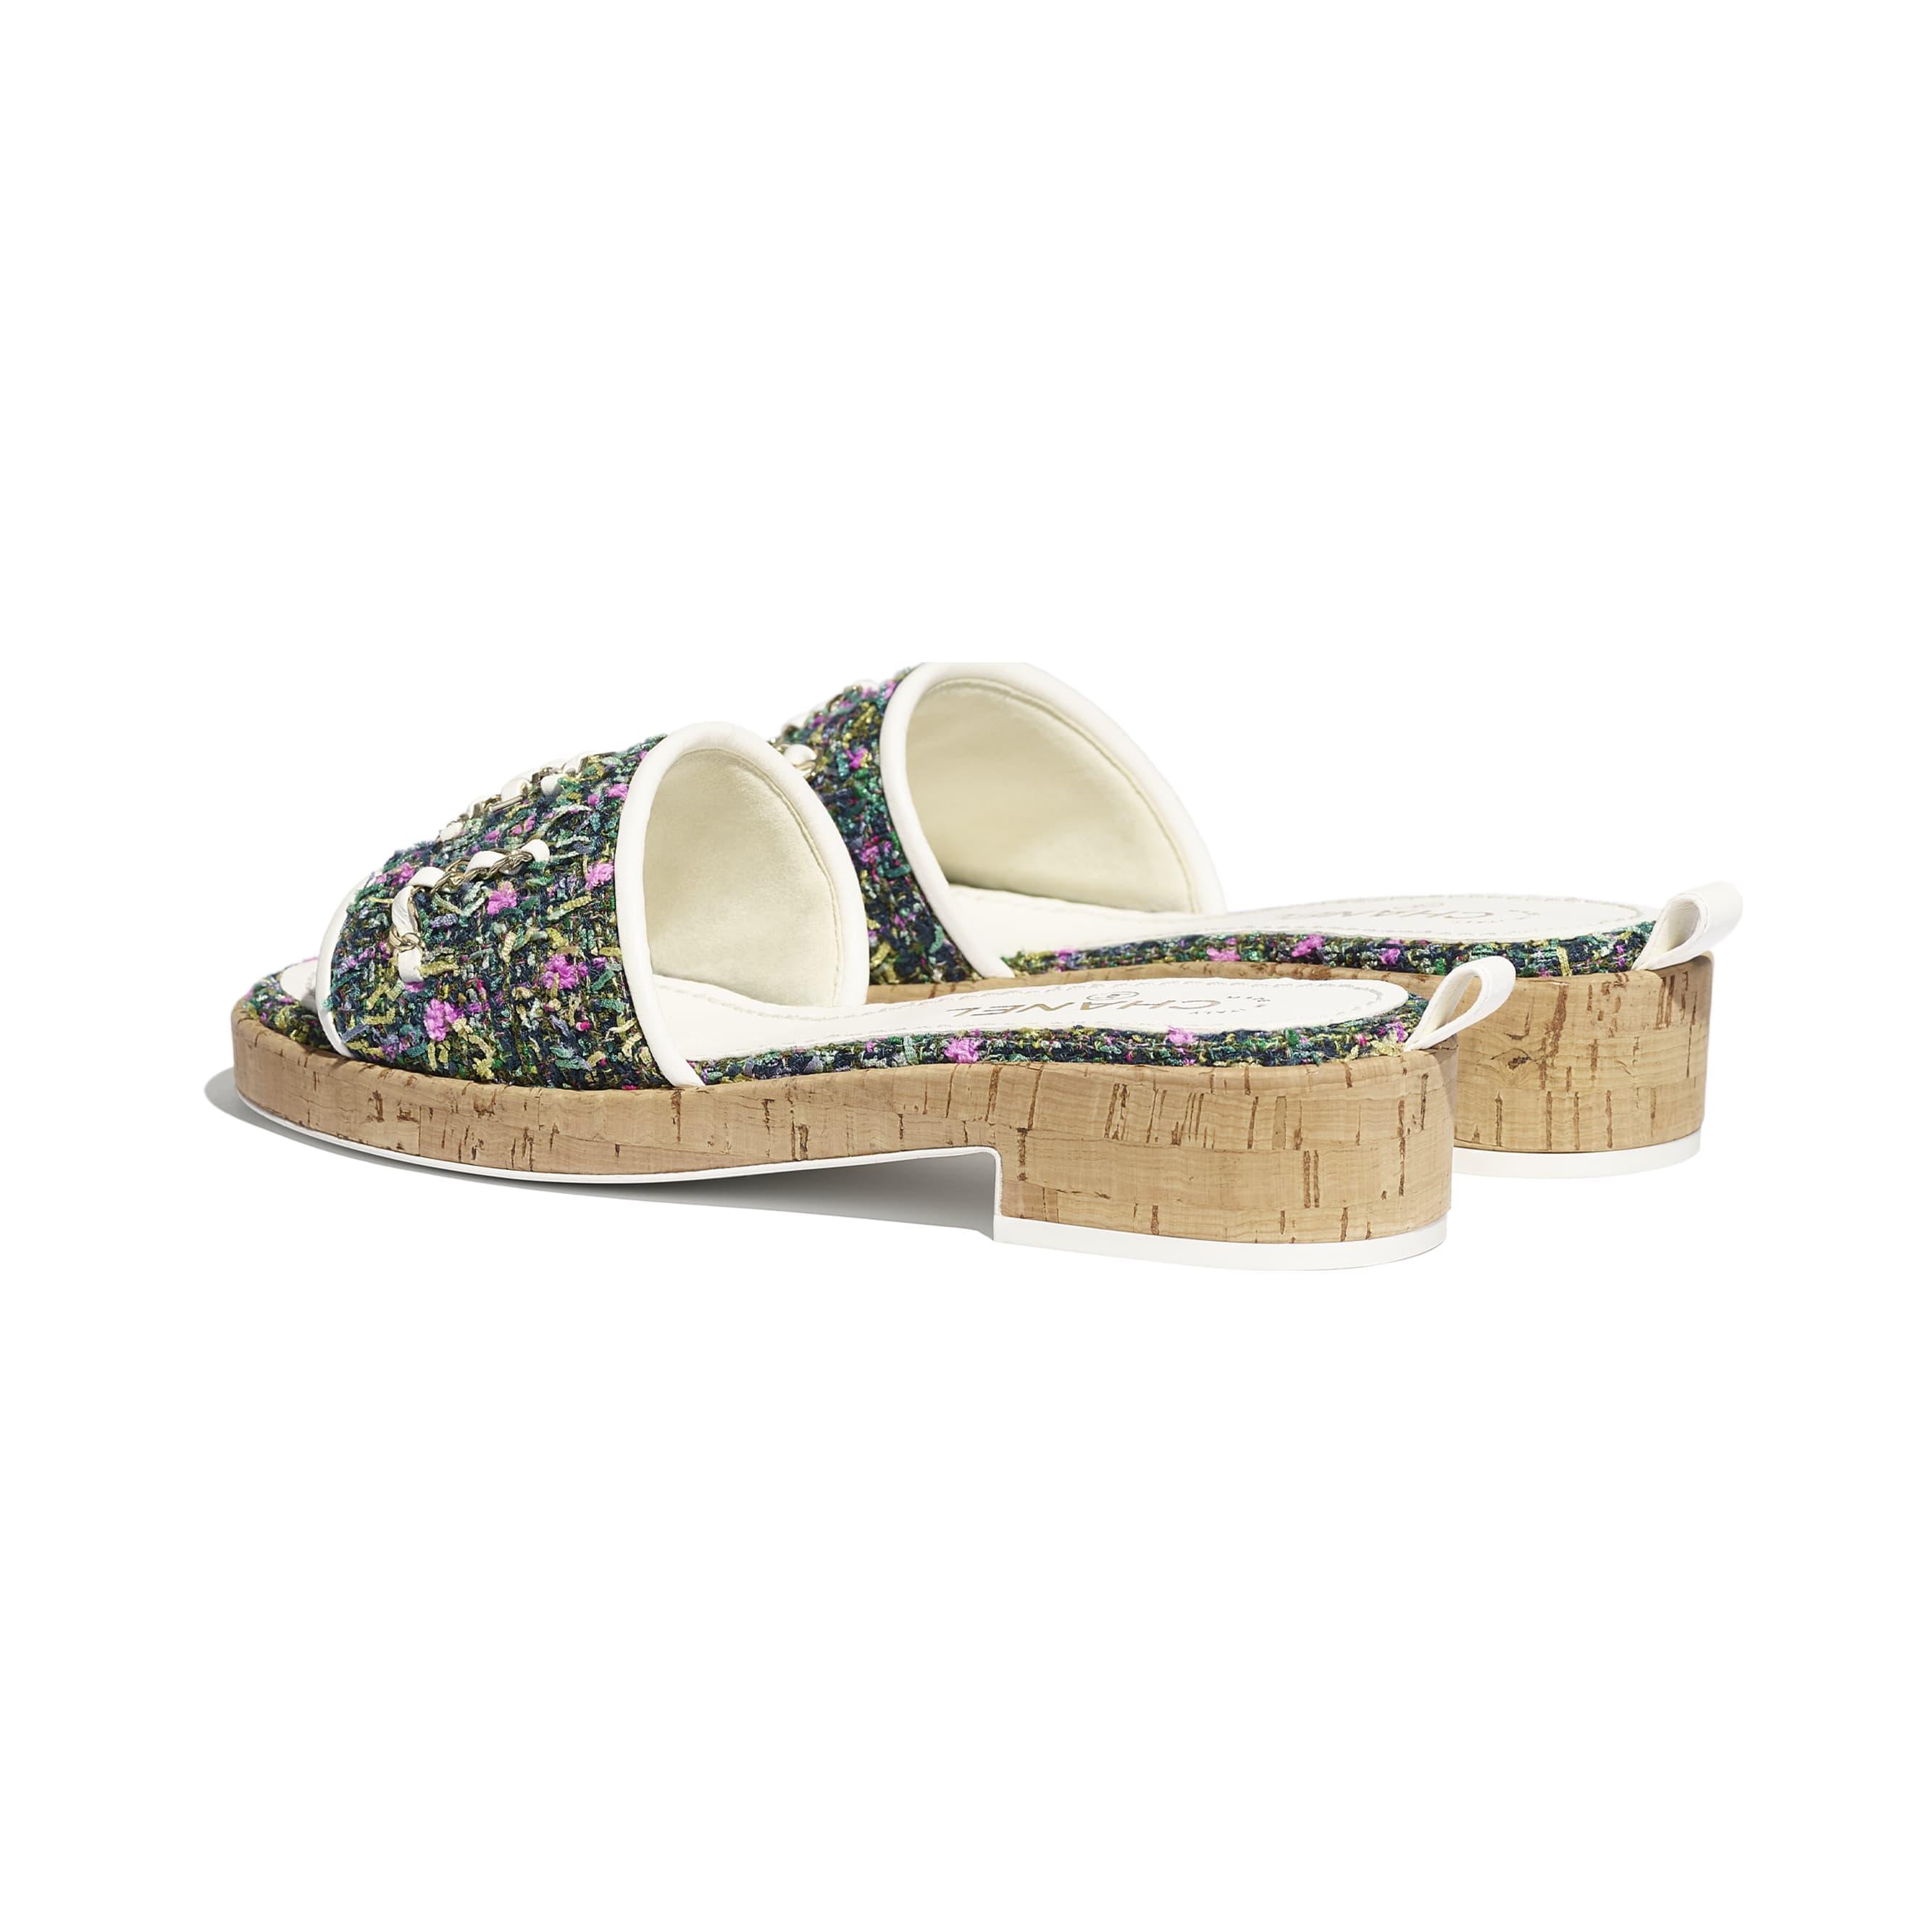 รองเท้าสวมเปิดส้น - สีเขียว สีชมพู และสีเหลือง - ผ้าทวีต - CHANEL - มุมมองอื่น - ดูเวอร์ชันขนาดมาตรฐาน